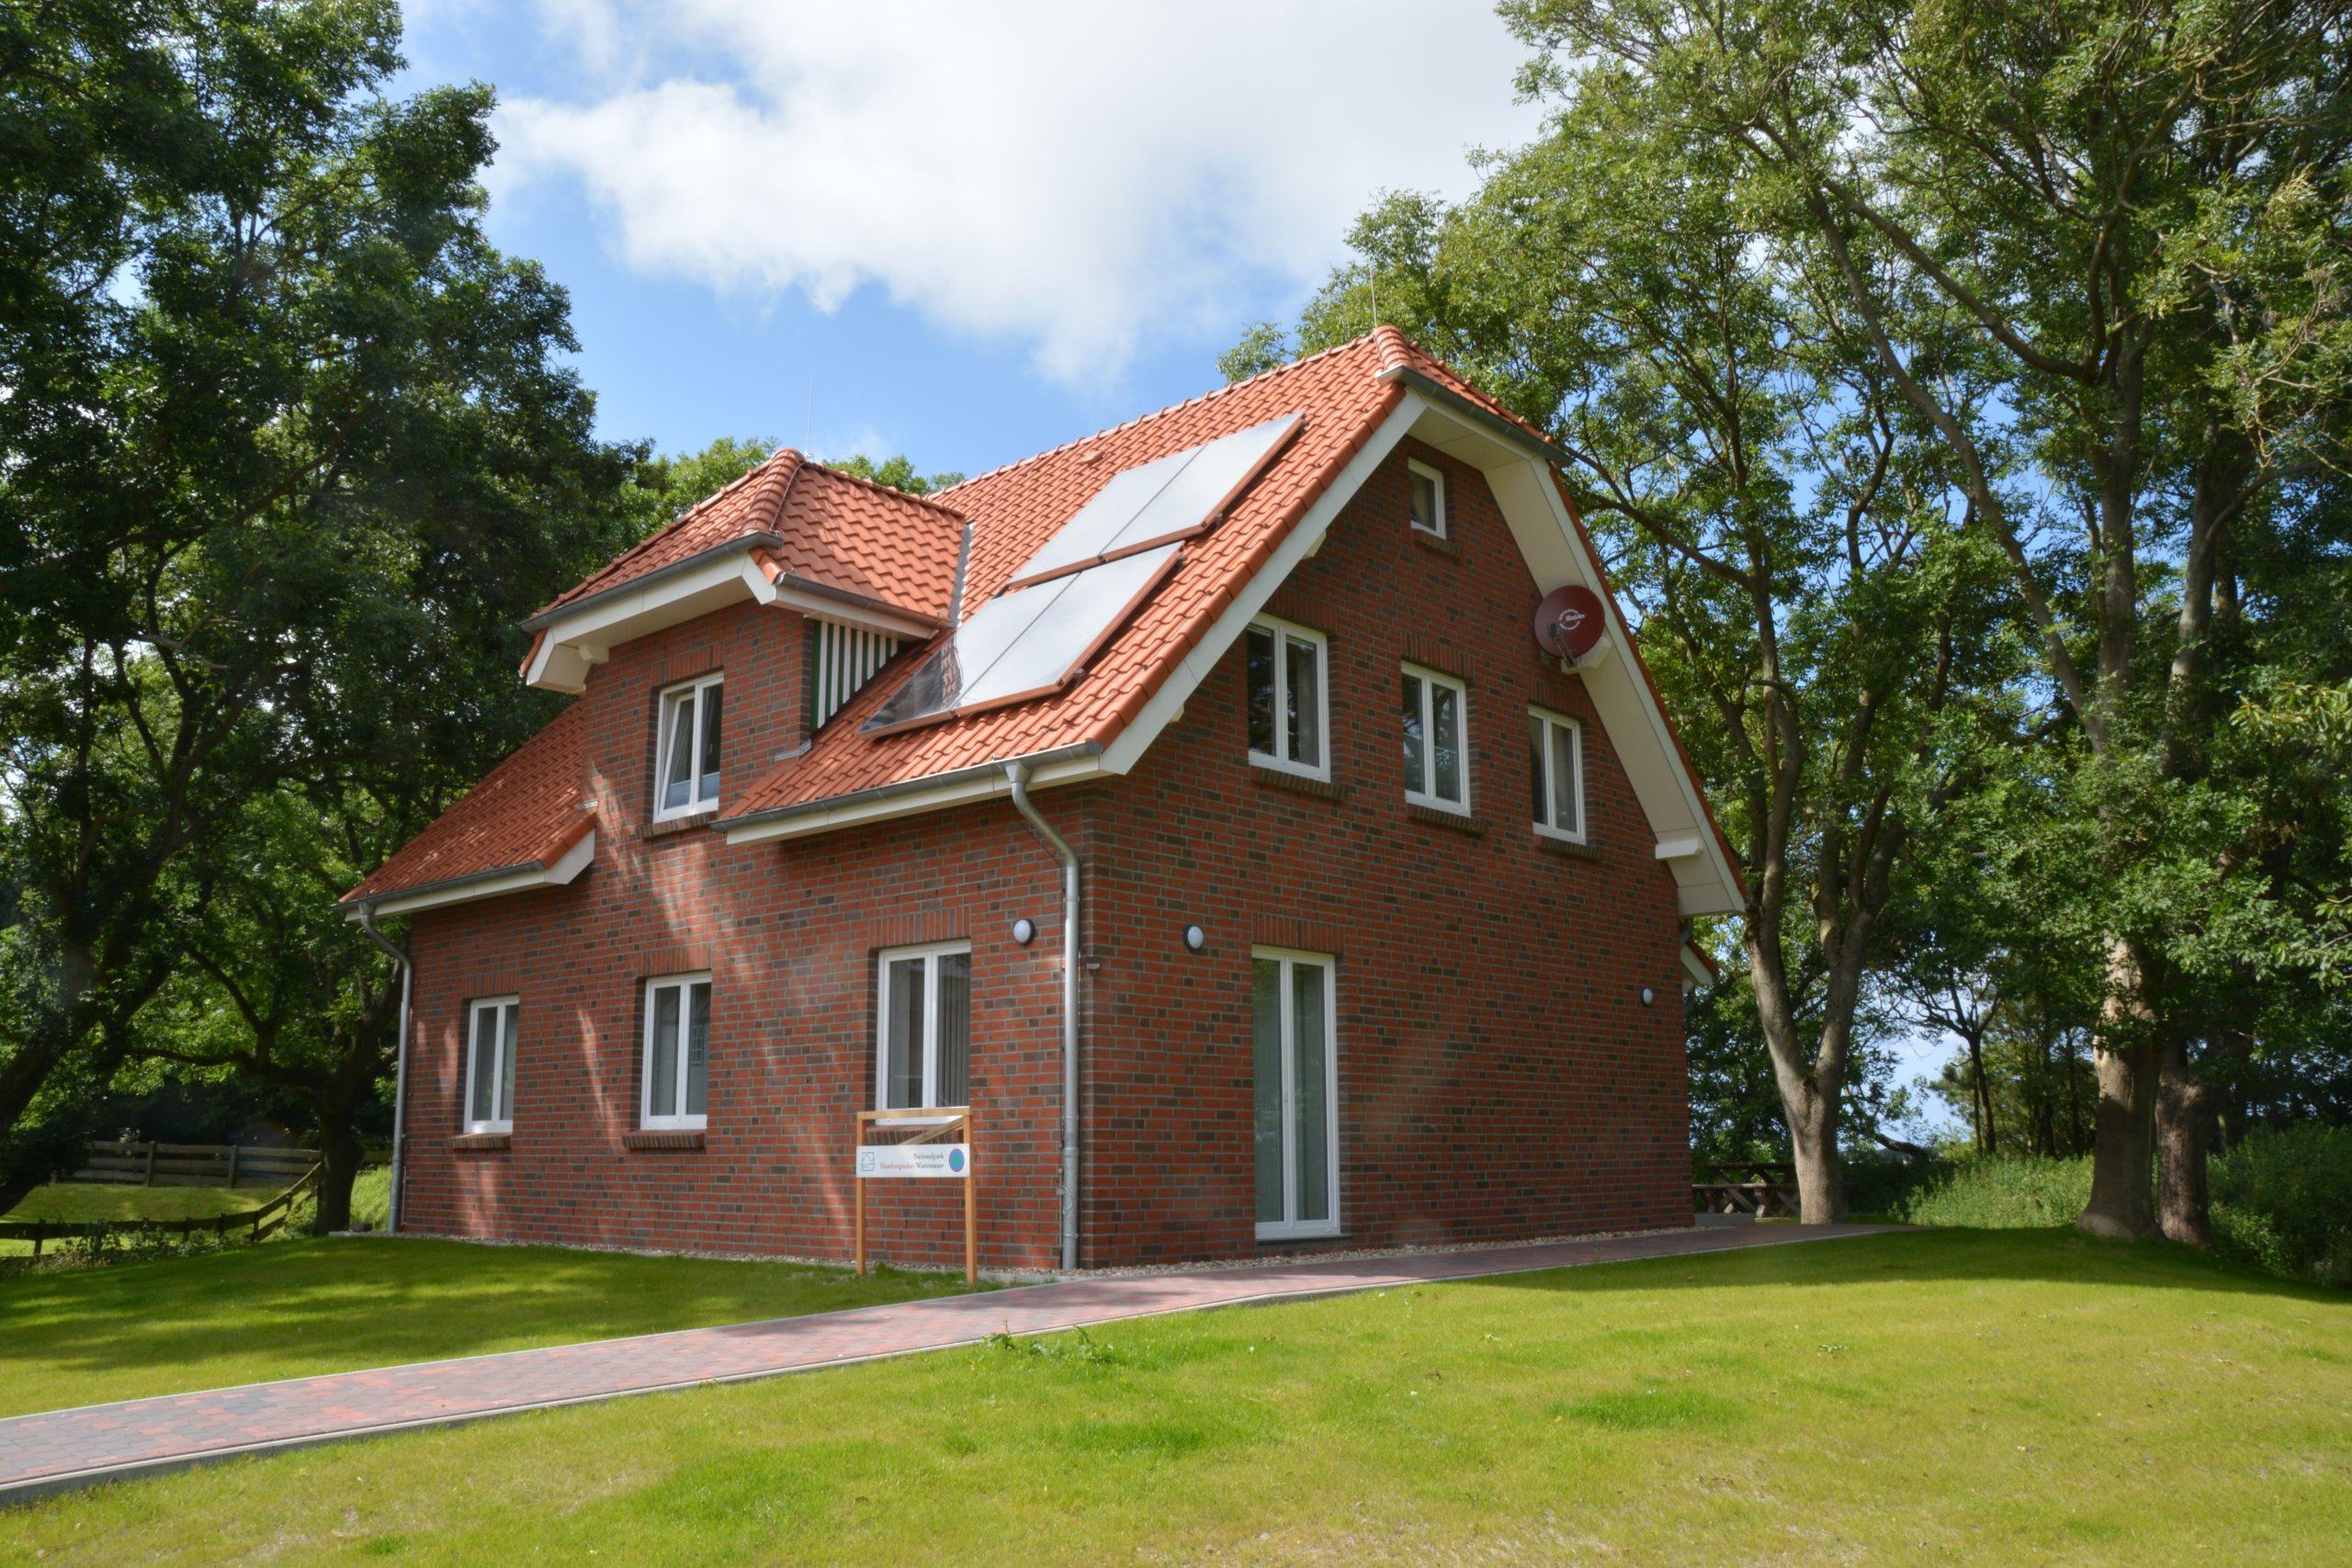 Nationalpark-Station Neuwerk